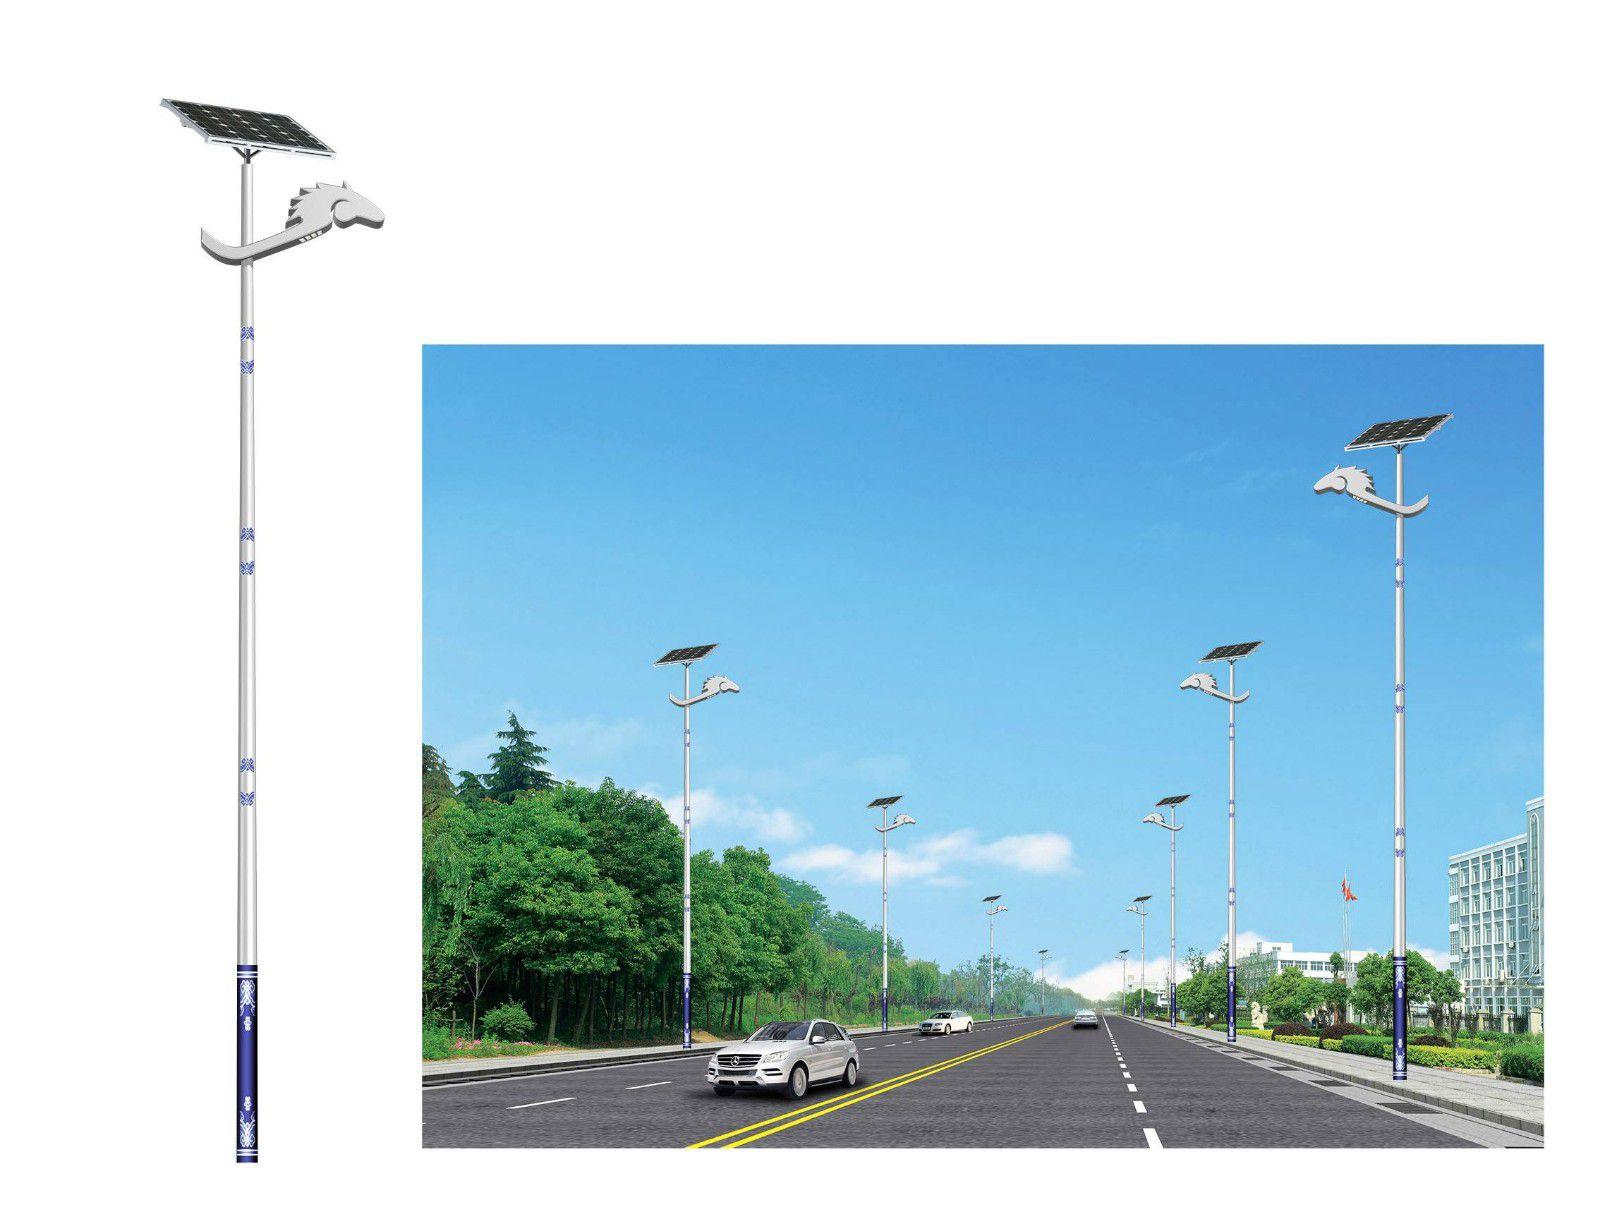 榆林太阳能路灯建设实施方案技术优势